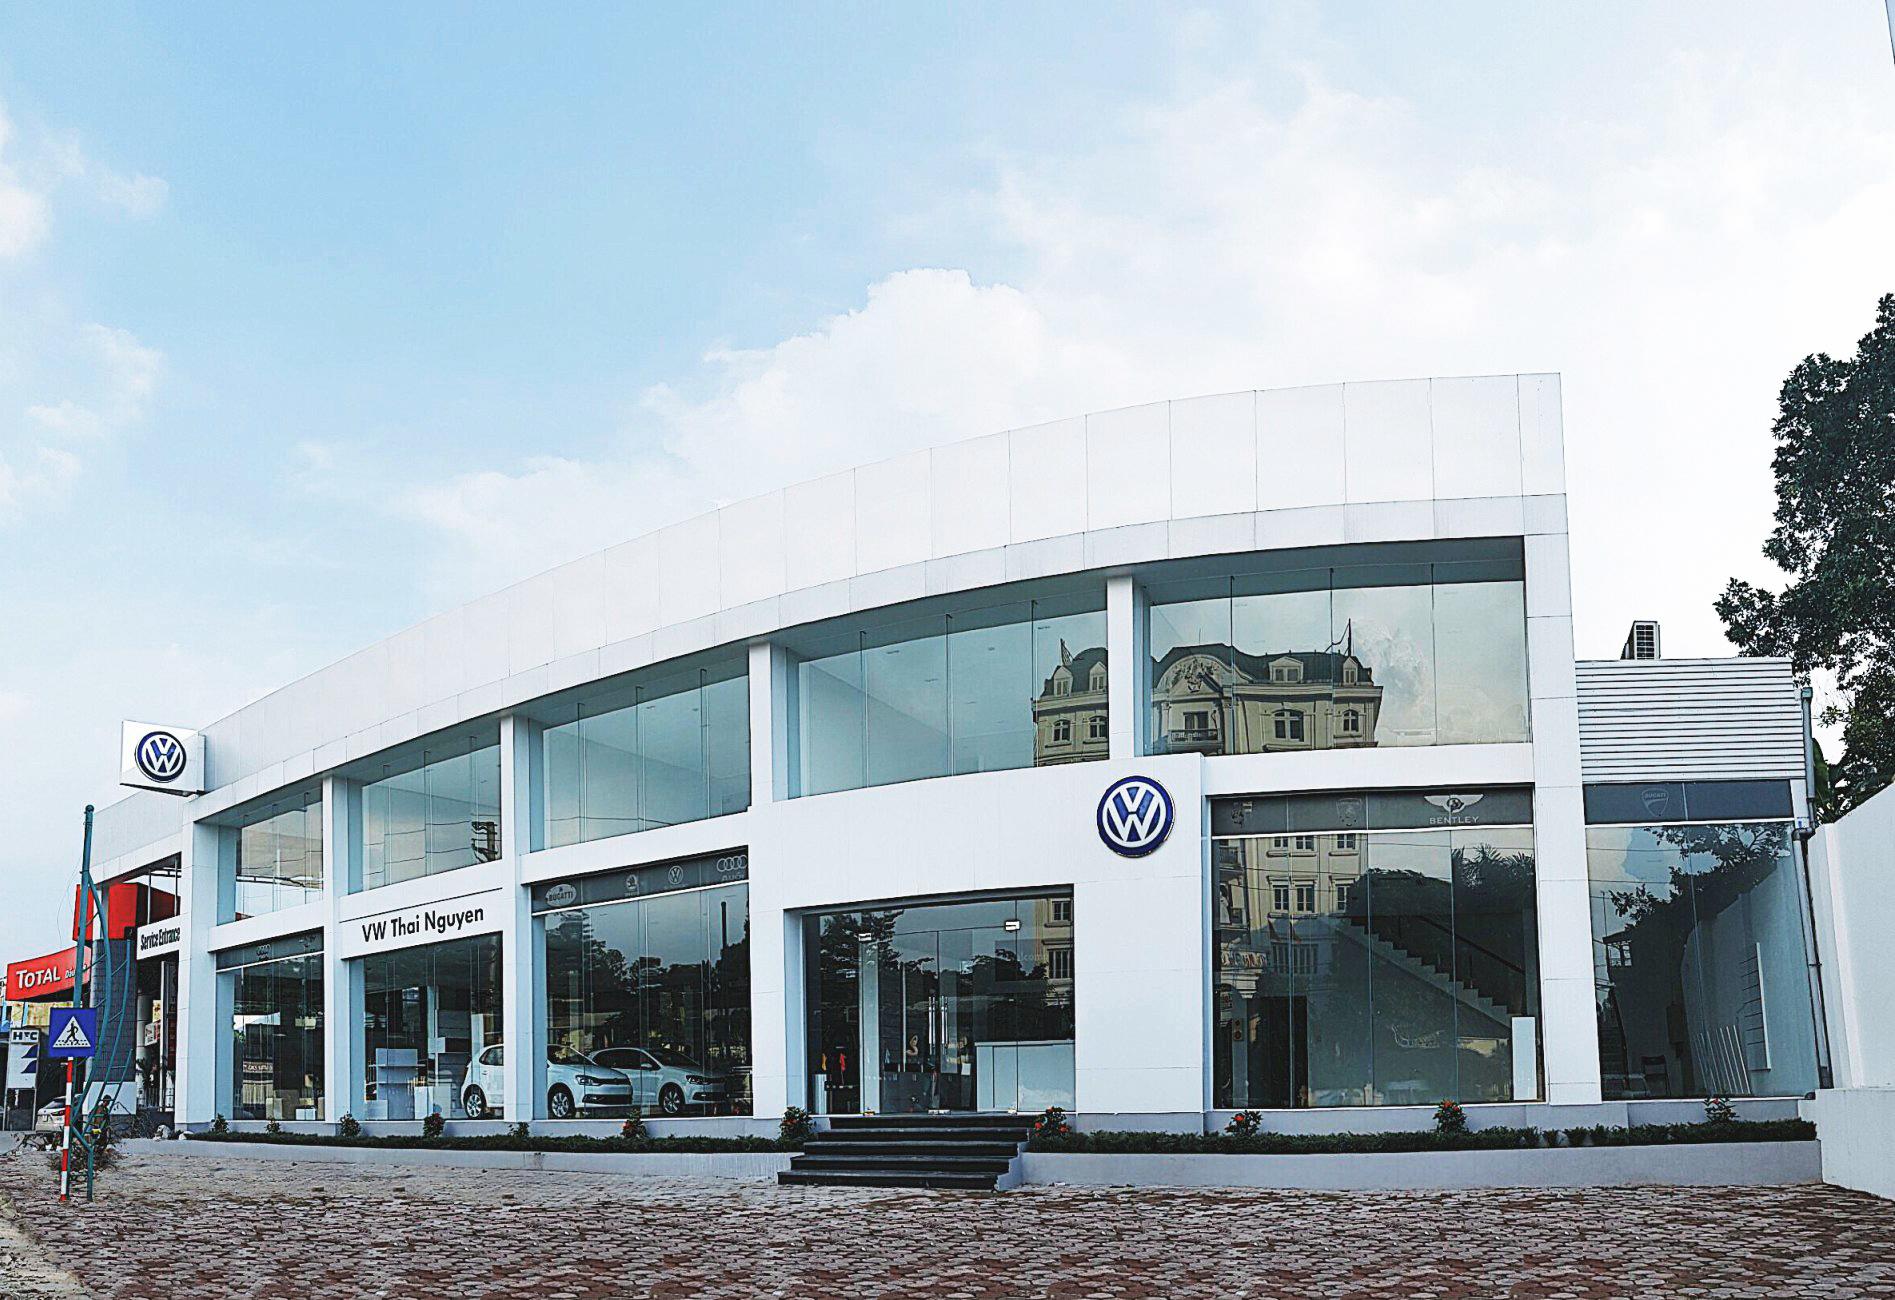 Volkswagen Việt Nam khai trương đại lý đạt chuẩn 4S ở Thái Nguyên